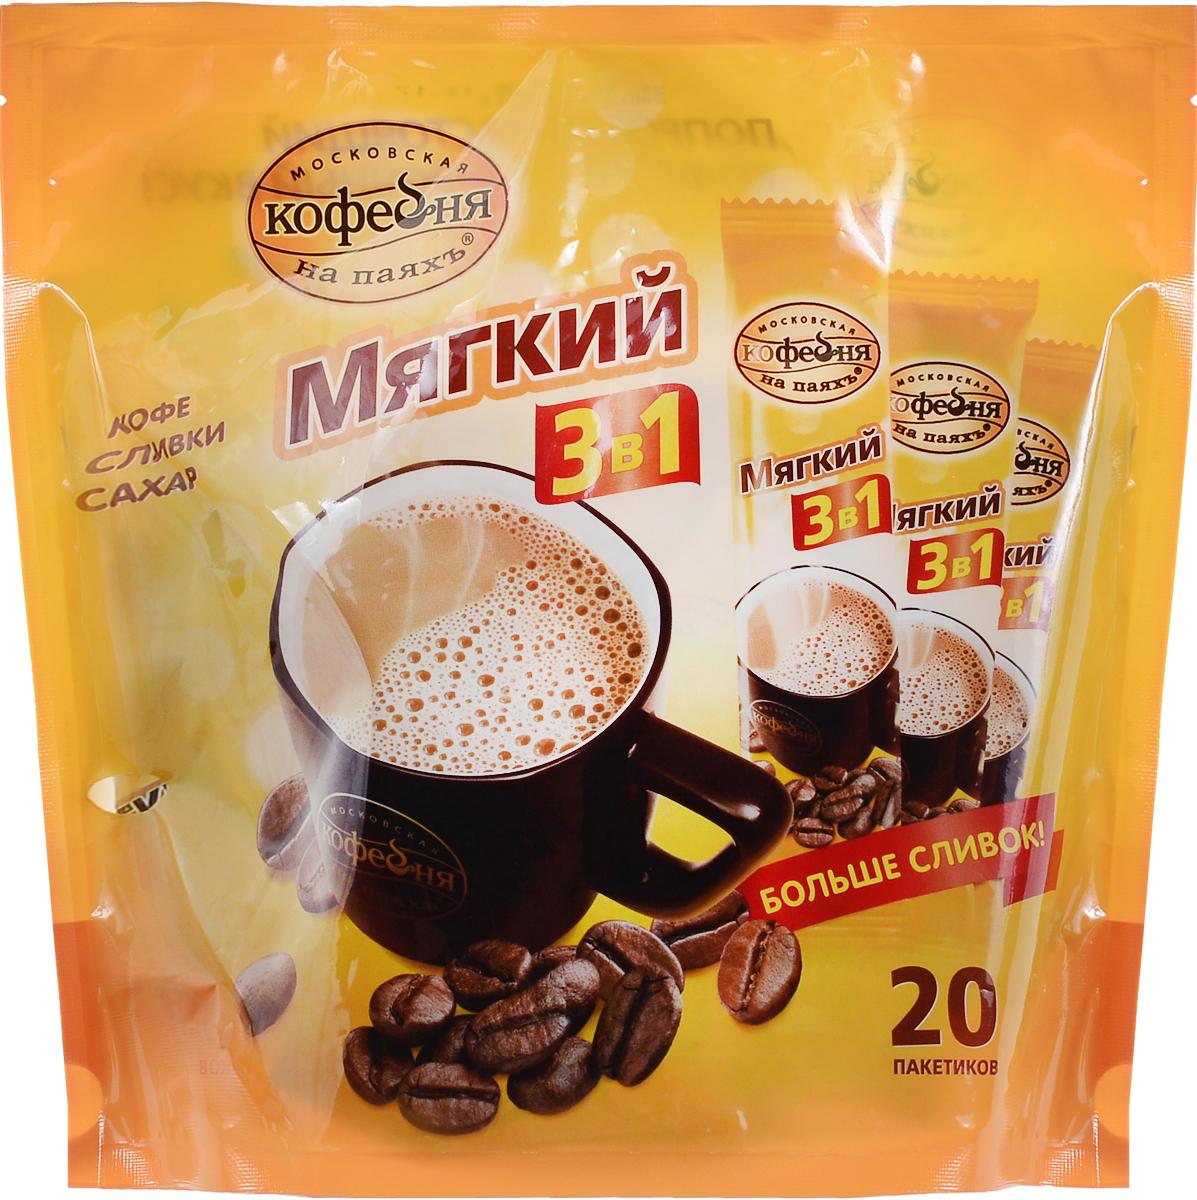 Московская кофейня на паяхъ Мягкий 3 в 1 напиток кофейный растворимый в пакетиках, 20 шт